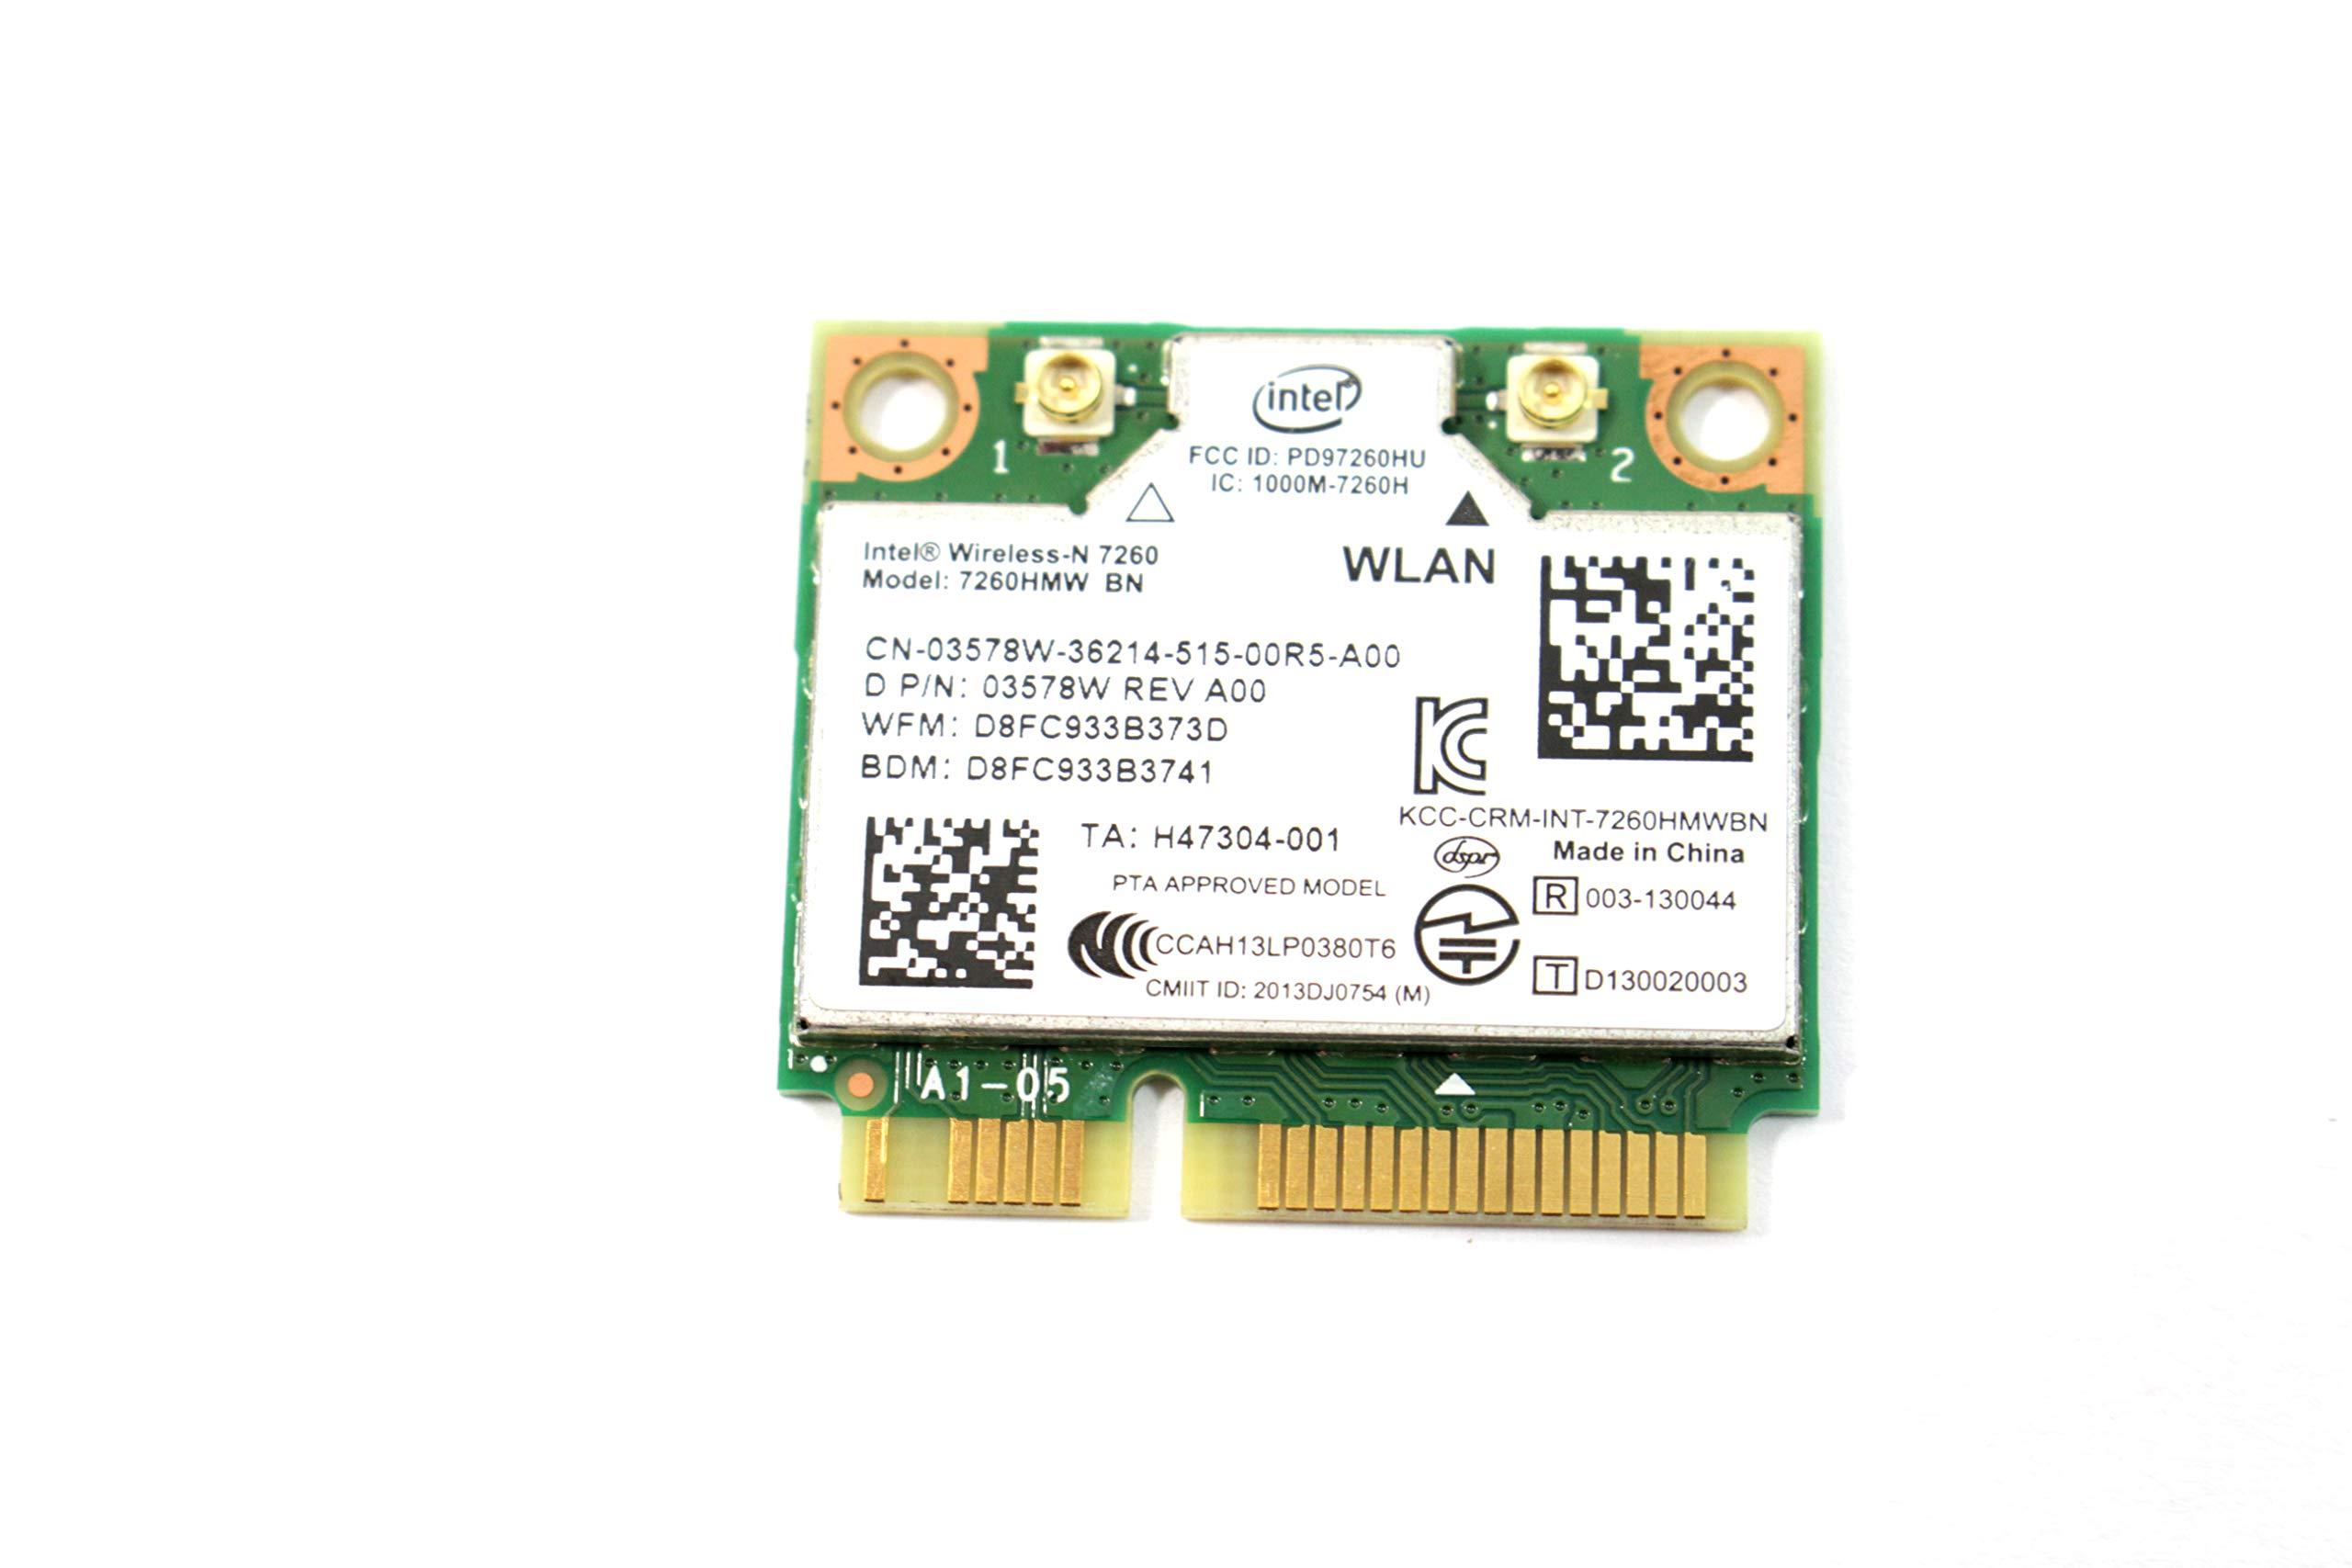 Intel 7260 HMWG R Wireless AC Network adapter